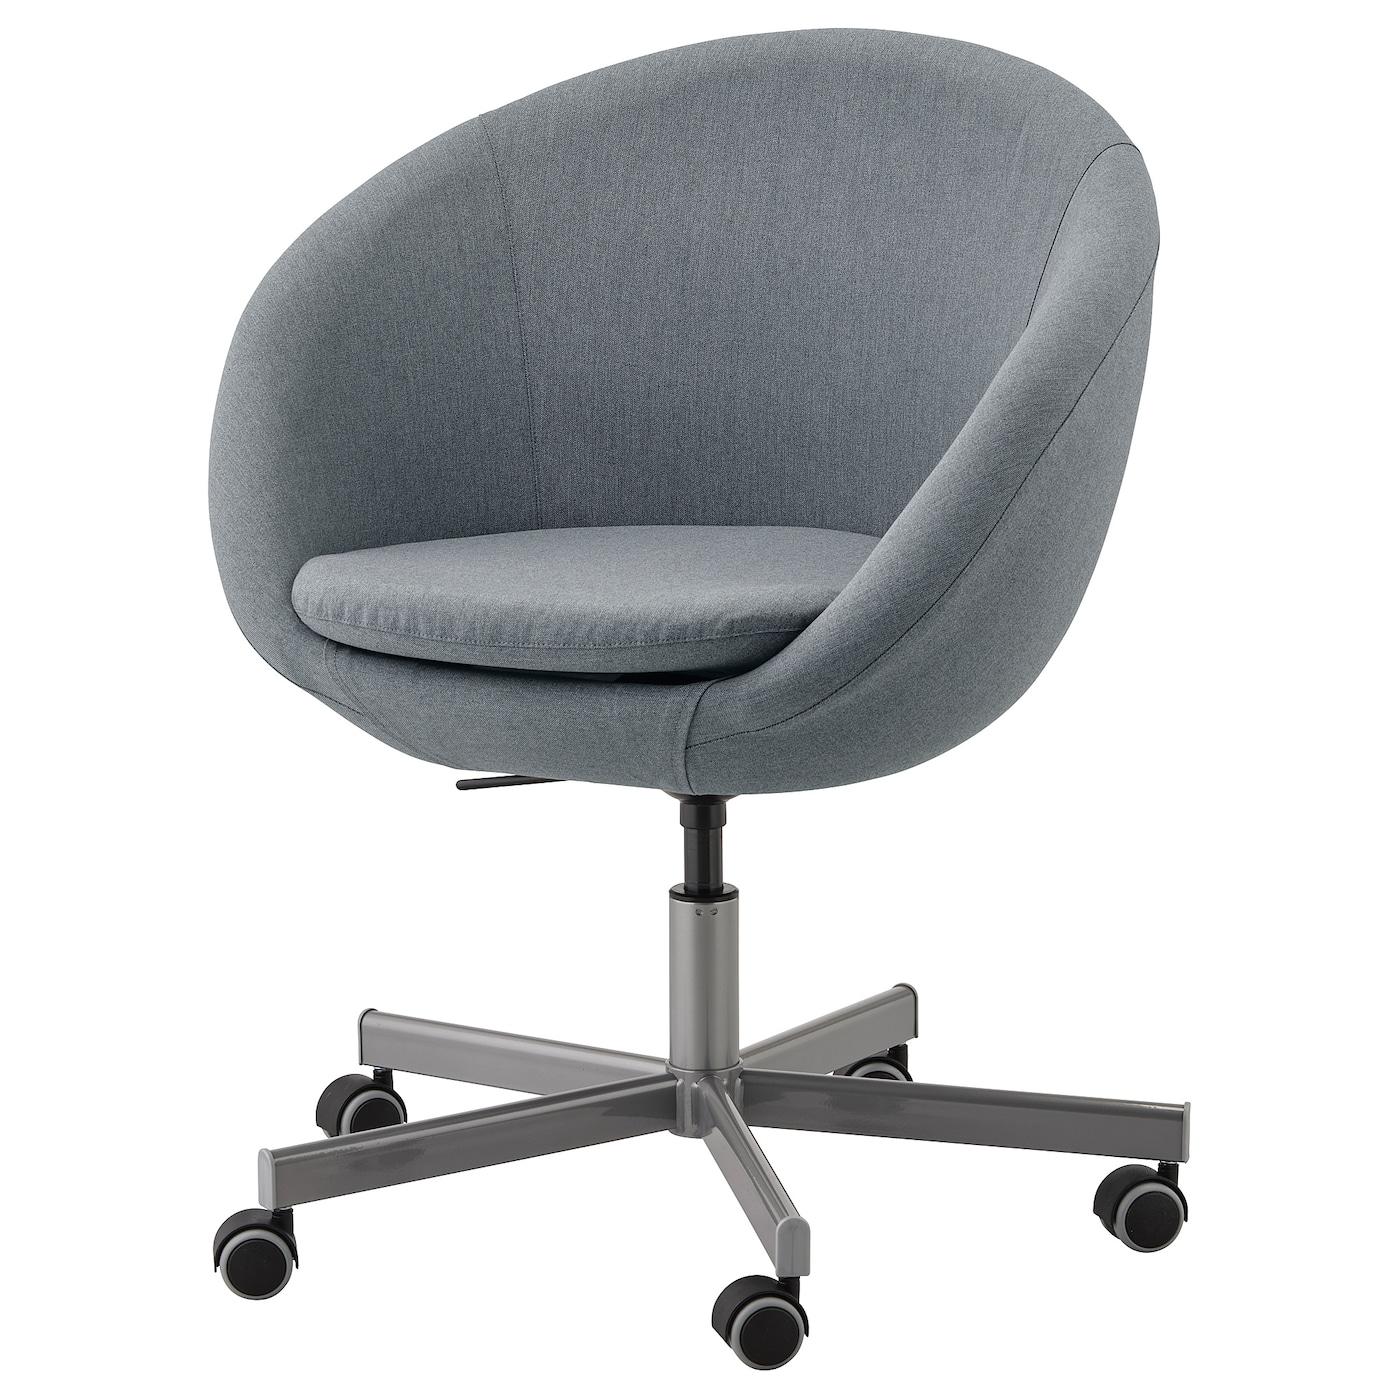 Bureaustoel Zelf Bekleden.Skruvsta Bureaustoel Vissle Grijs Ikea